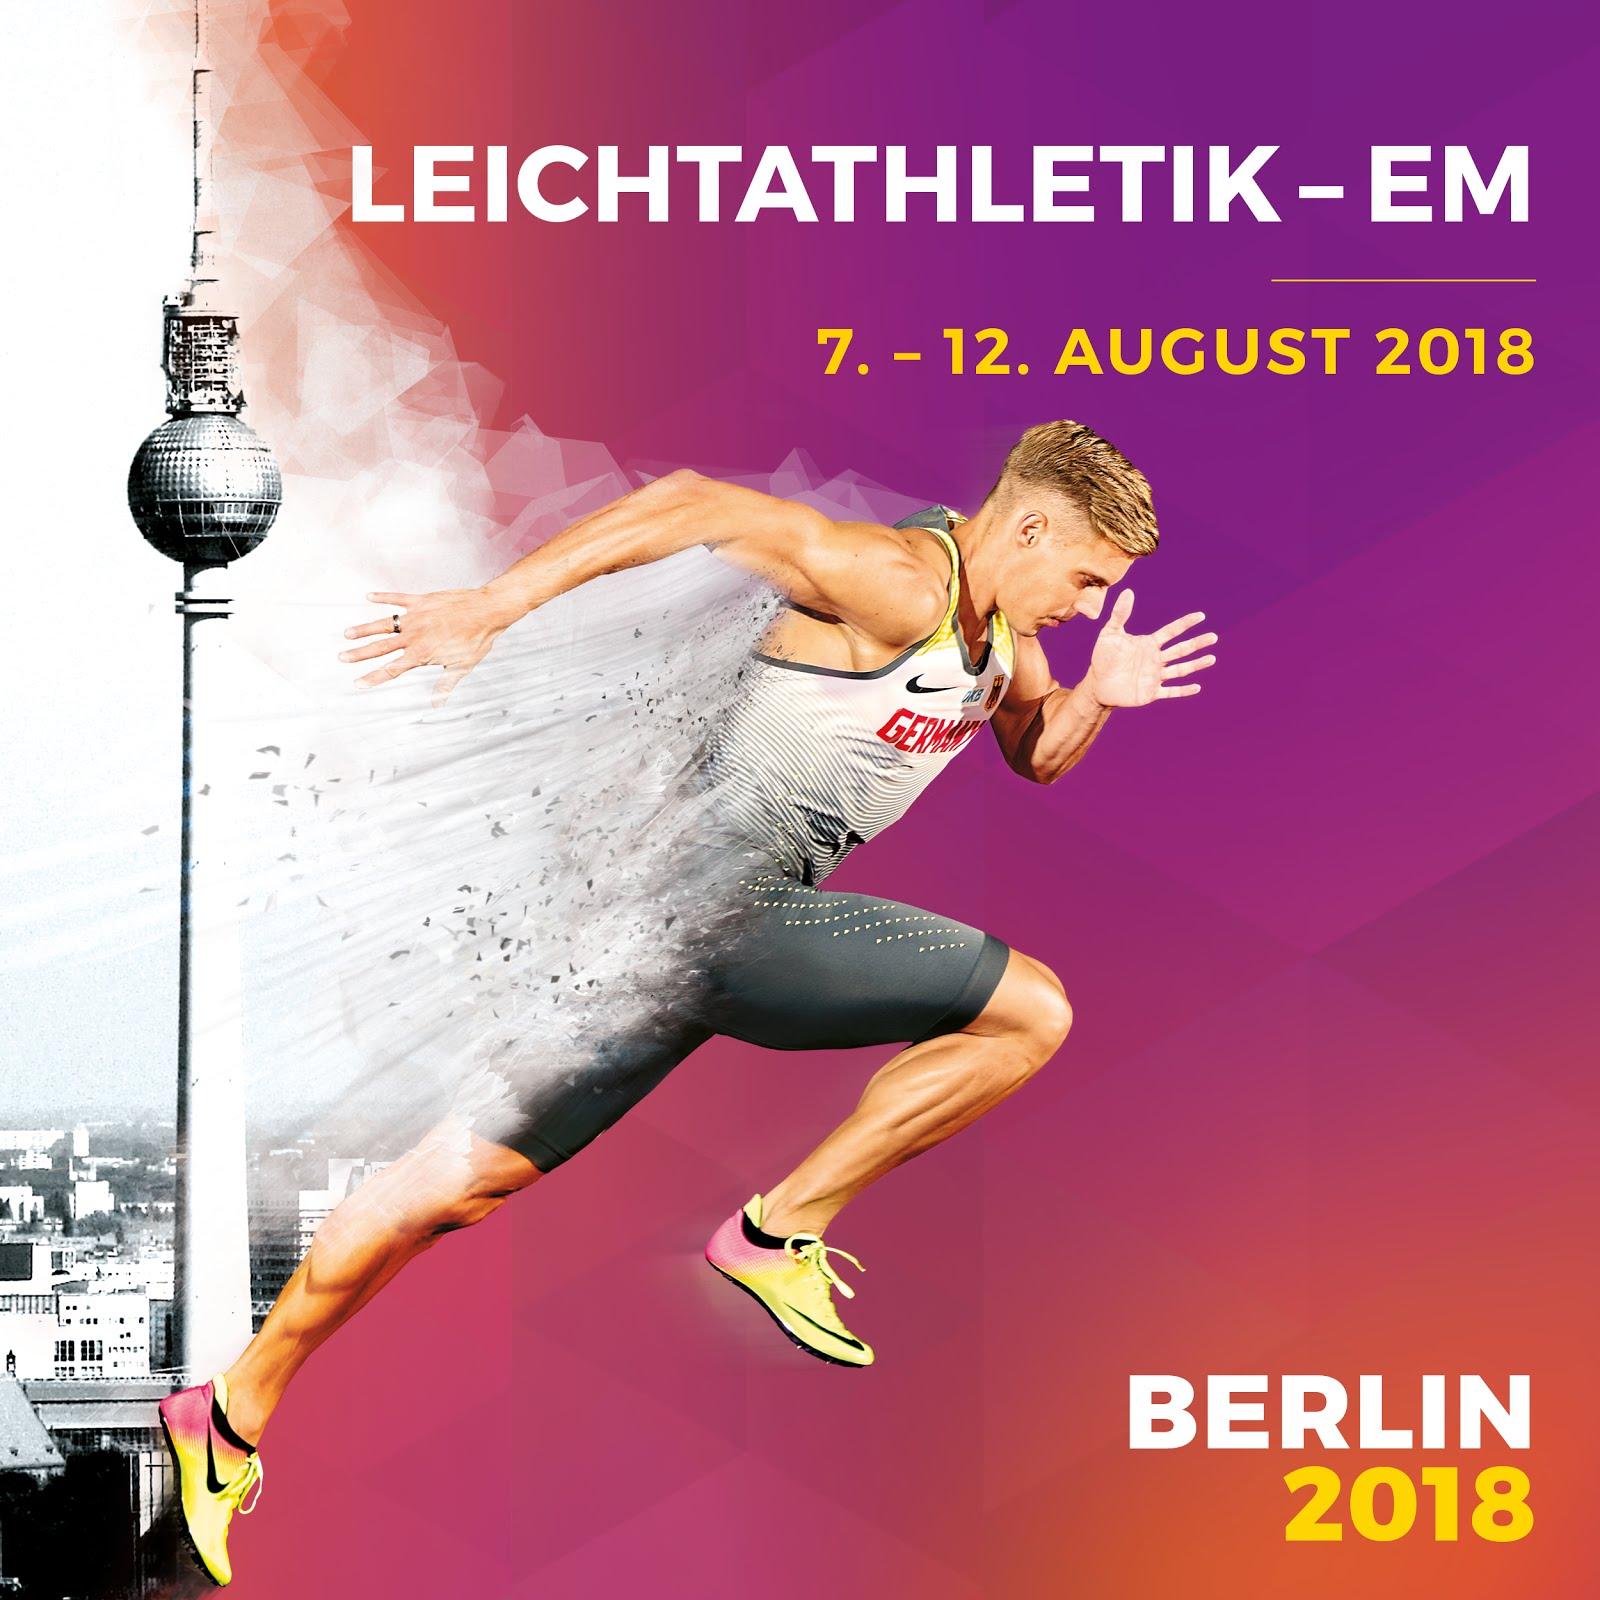 CAMPEONATO DE EUROPA DE ATLETISMO BERLIN 2018